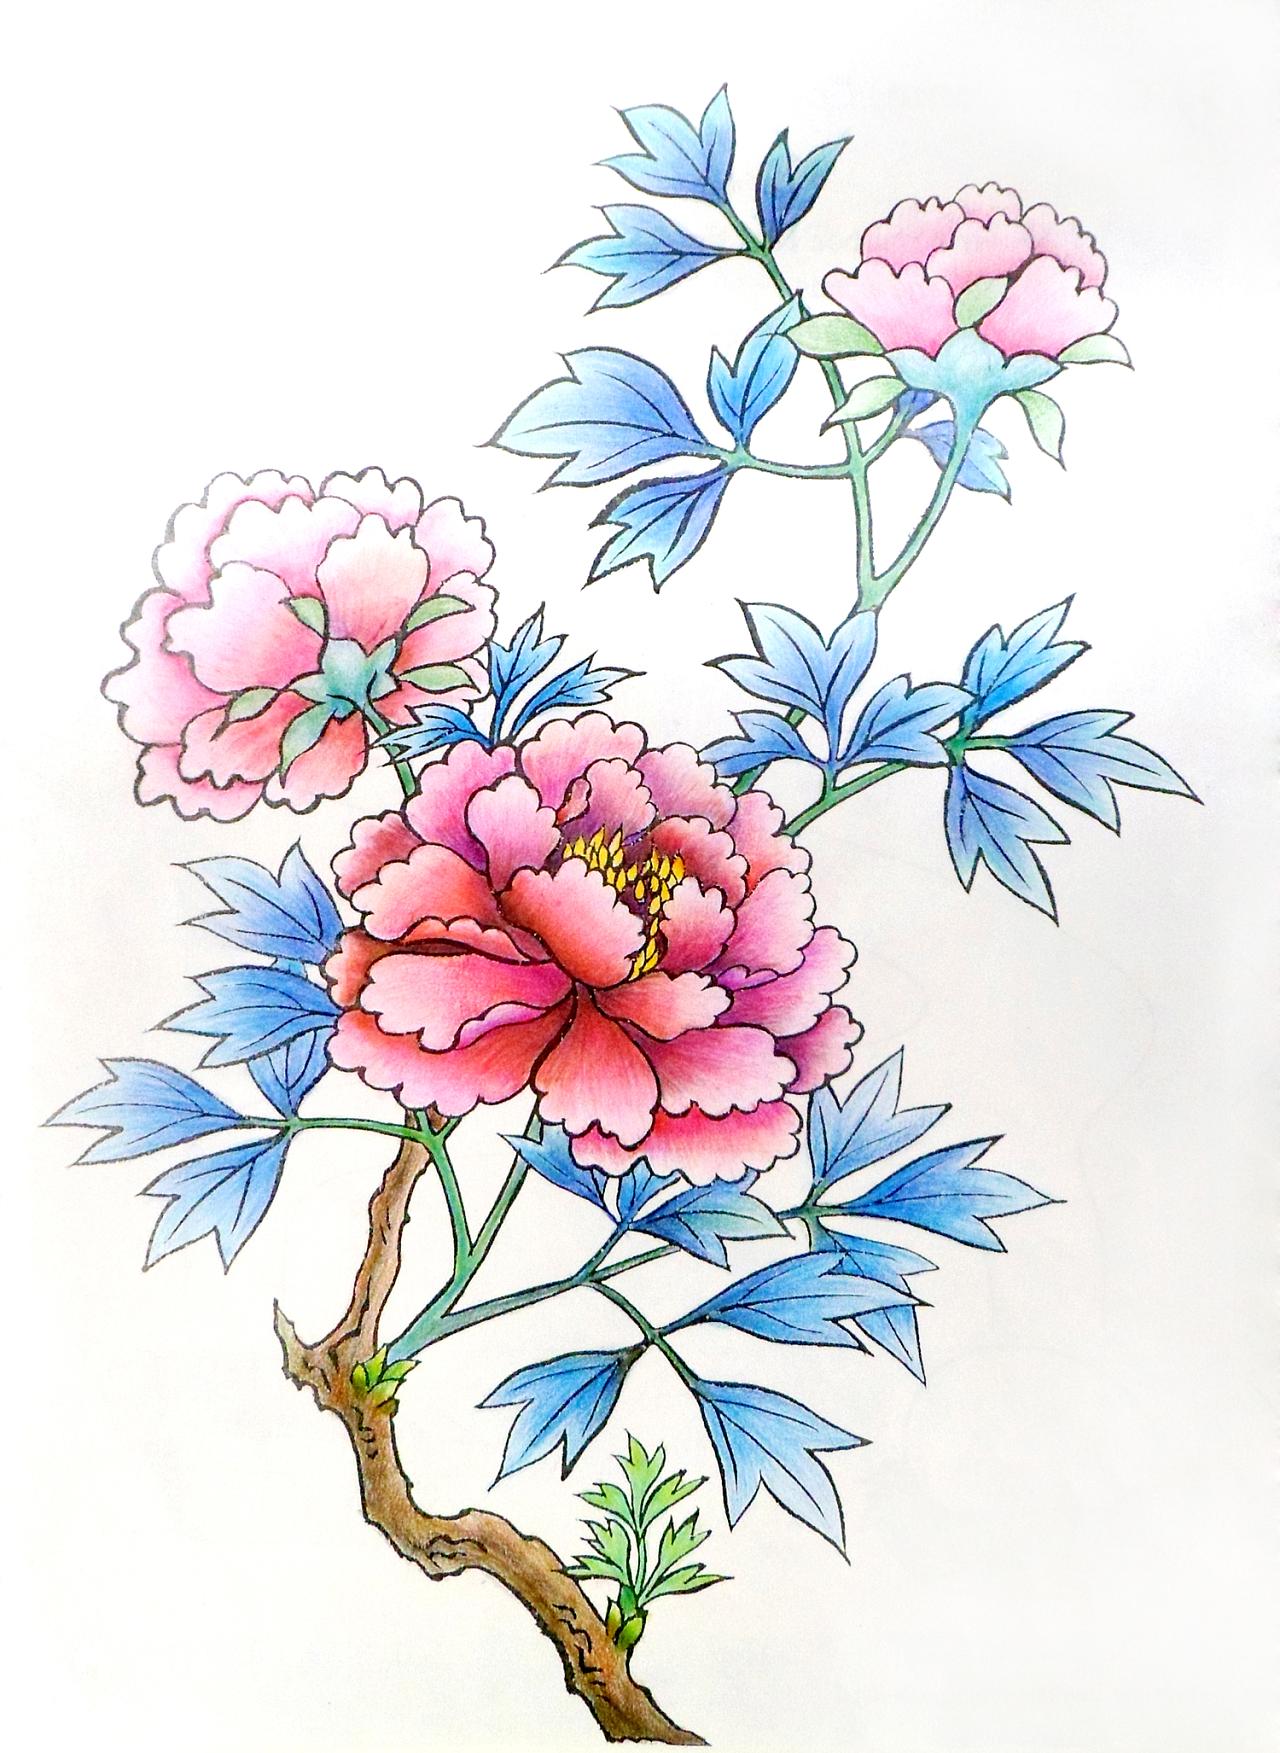 牡丹 彩铅 插画 商业插画 树子9 - 原创作品 - 站酷